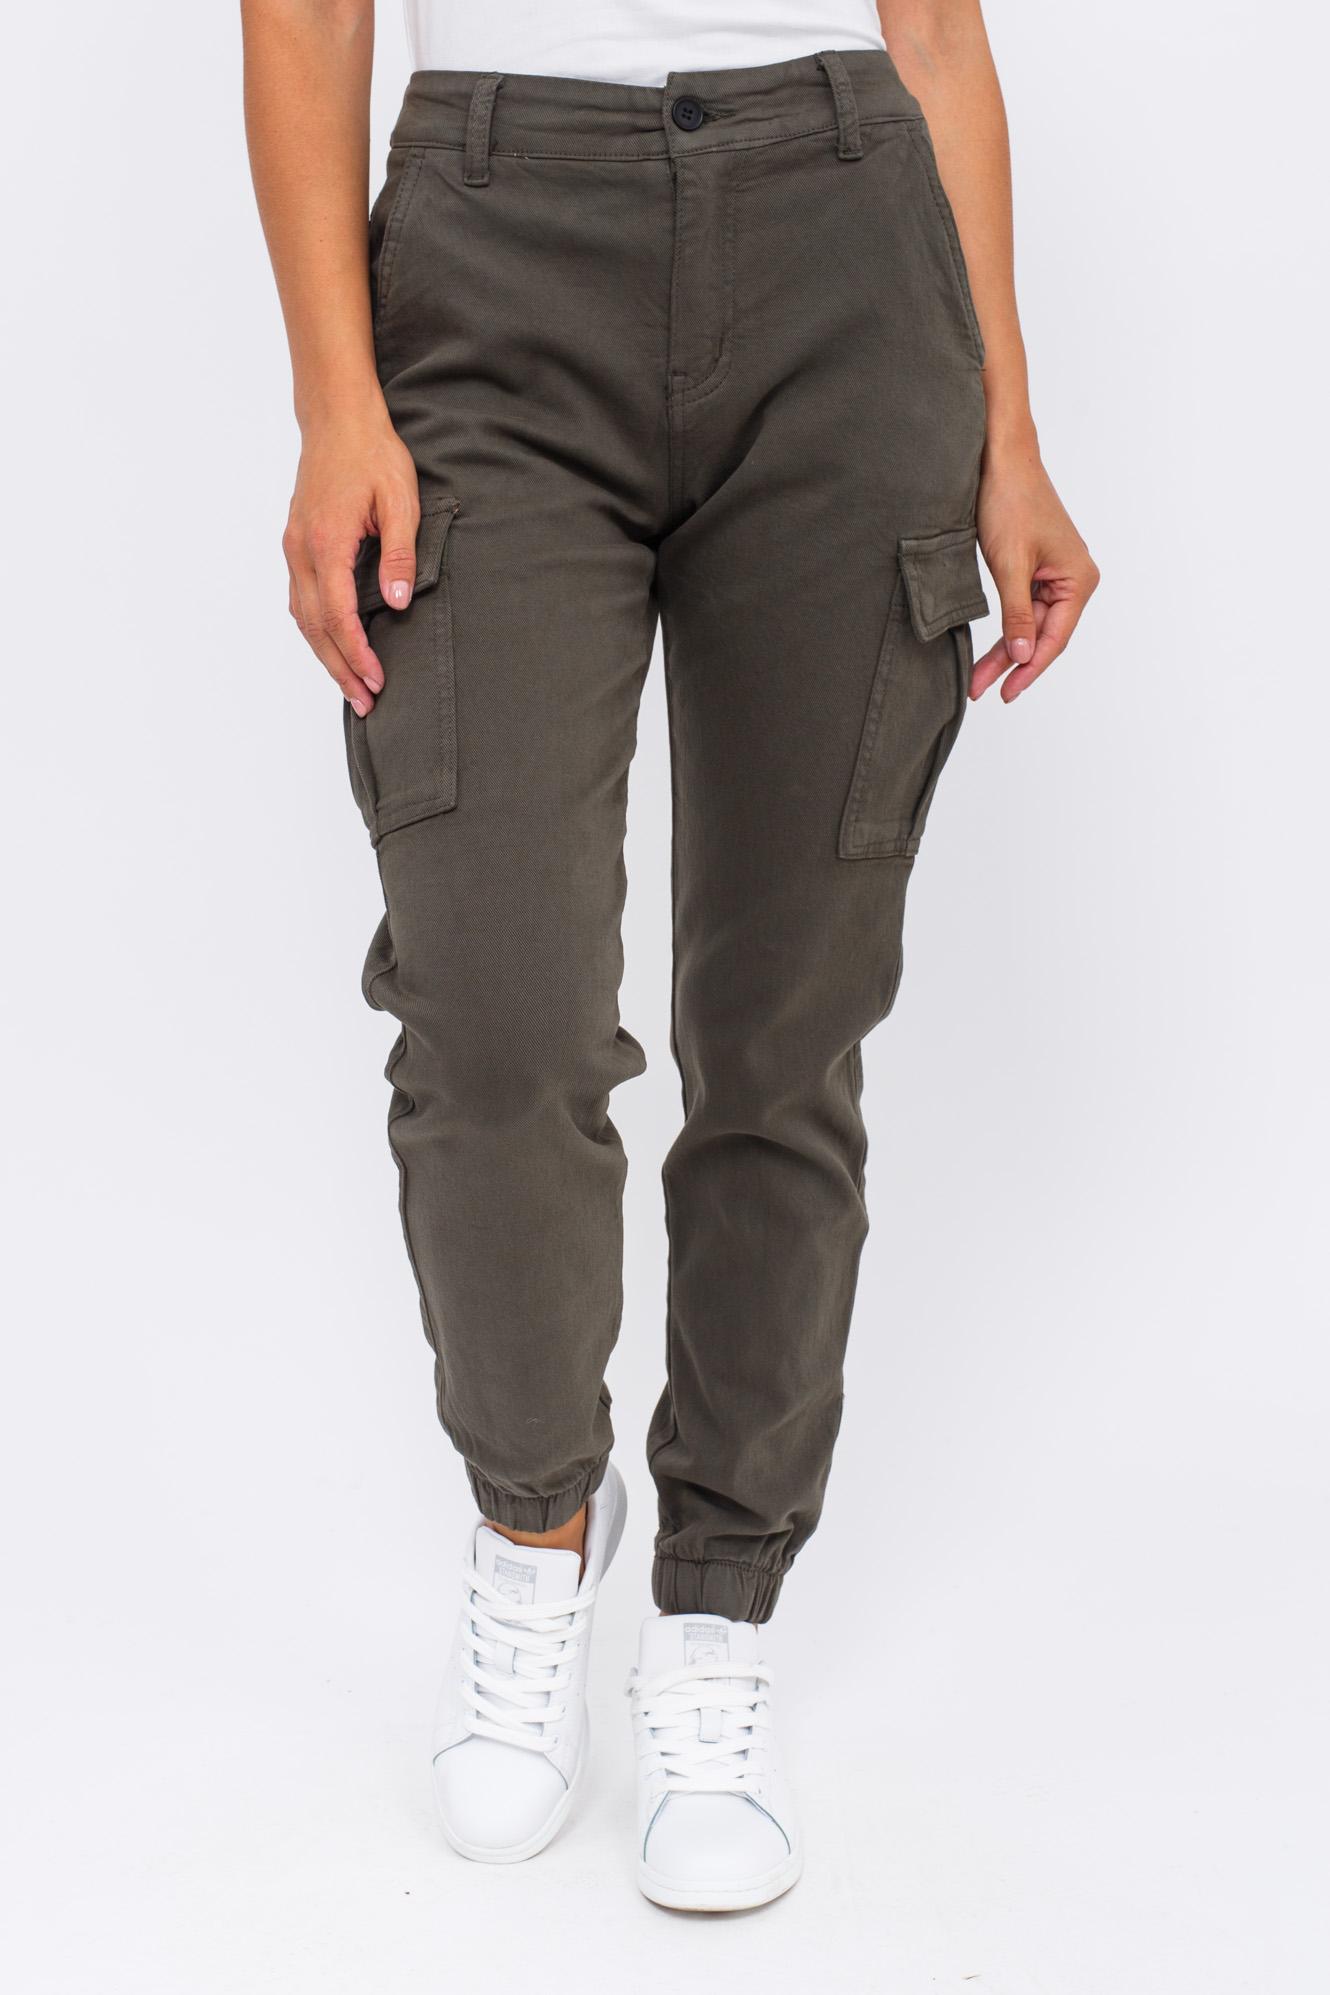 Стильные джинсы карго Re-Dress - хаки цвет